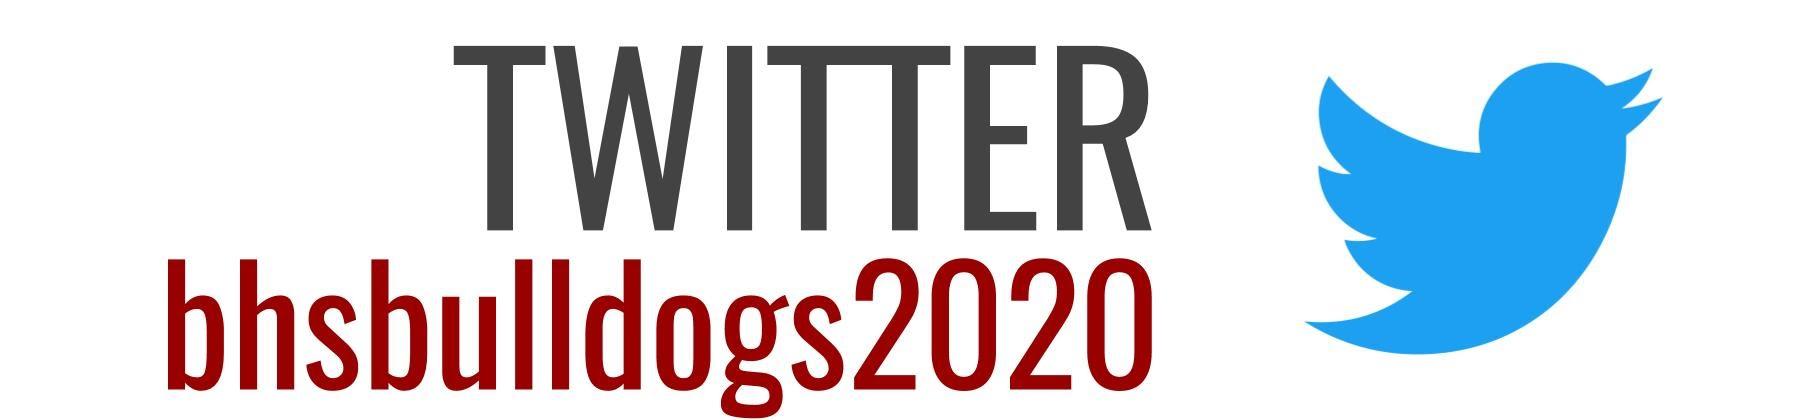 Class of 2020 Twitter